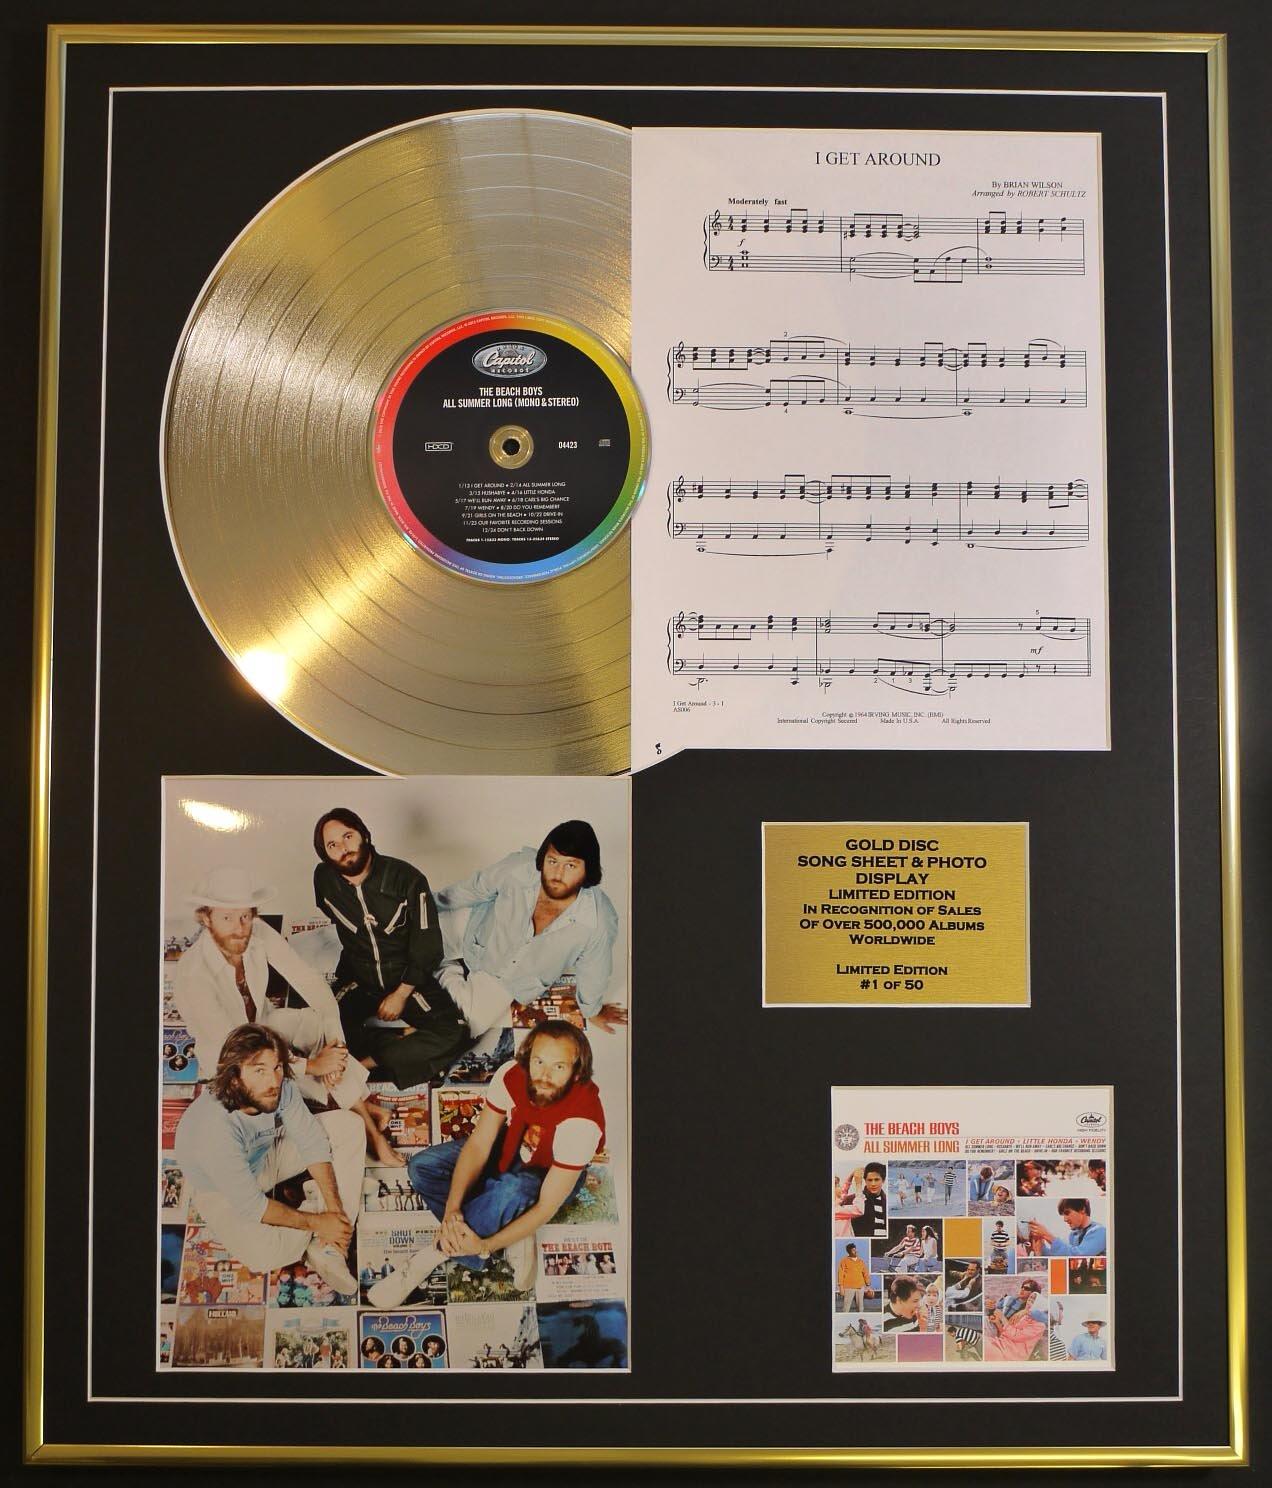 GOLD RECORD Beach Boys//CD Disco DE Oro Todas Las s/ábanas de Verano largas//de canci/ón Song Sheet /& Photo Display//LTD Edici/ón//carb/ón///álbum me Encargo